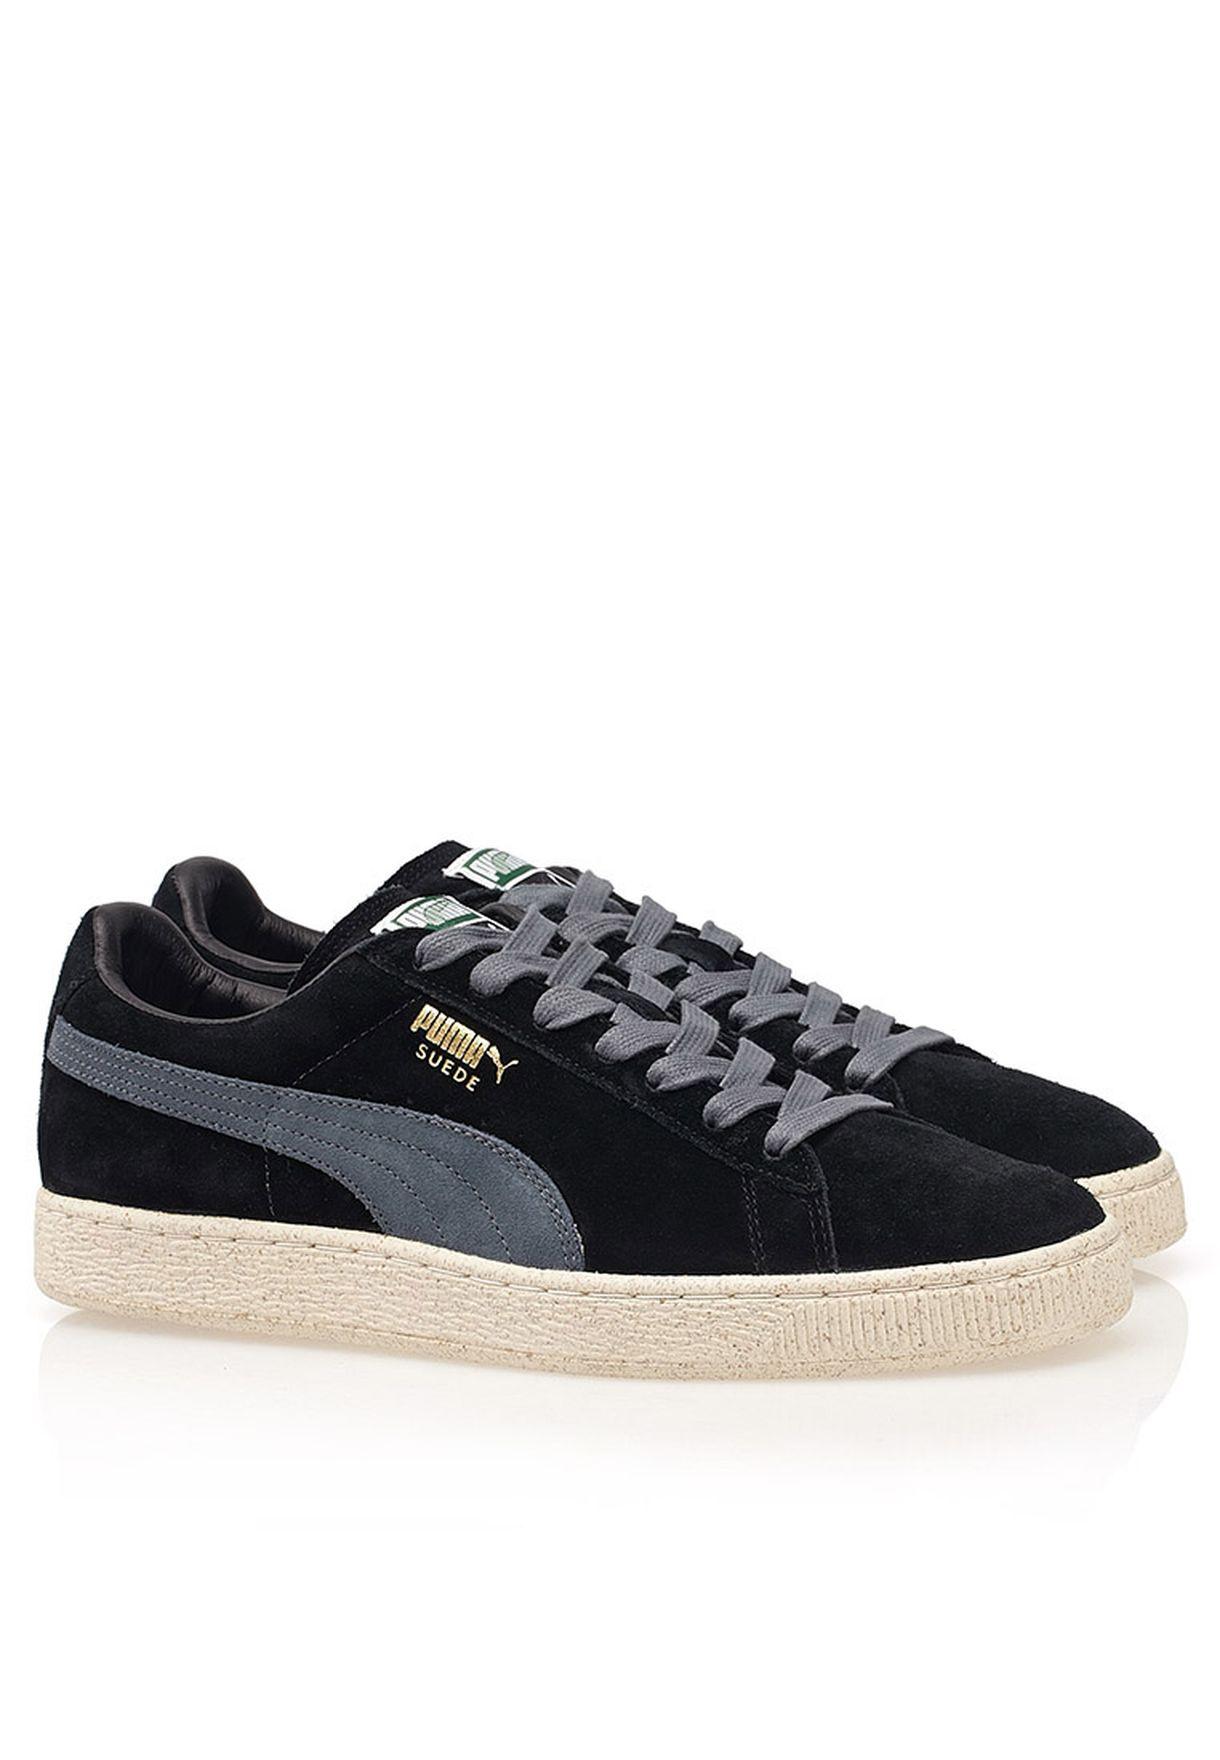 d1c1237dcb9ba0 Shop PUMA black Suede Classic for Men in UAE - PU020SH96AAX